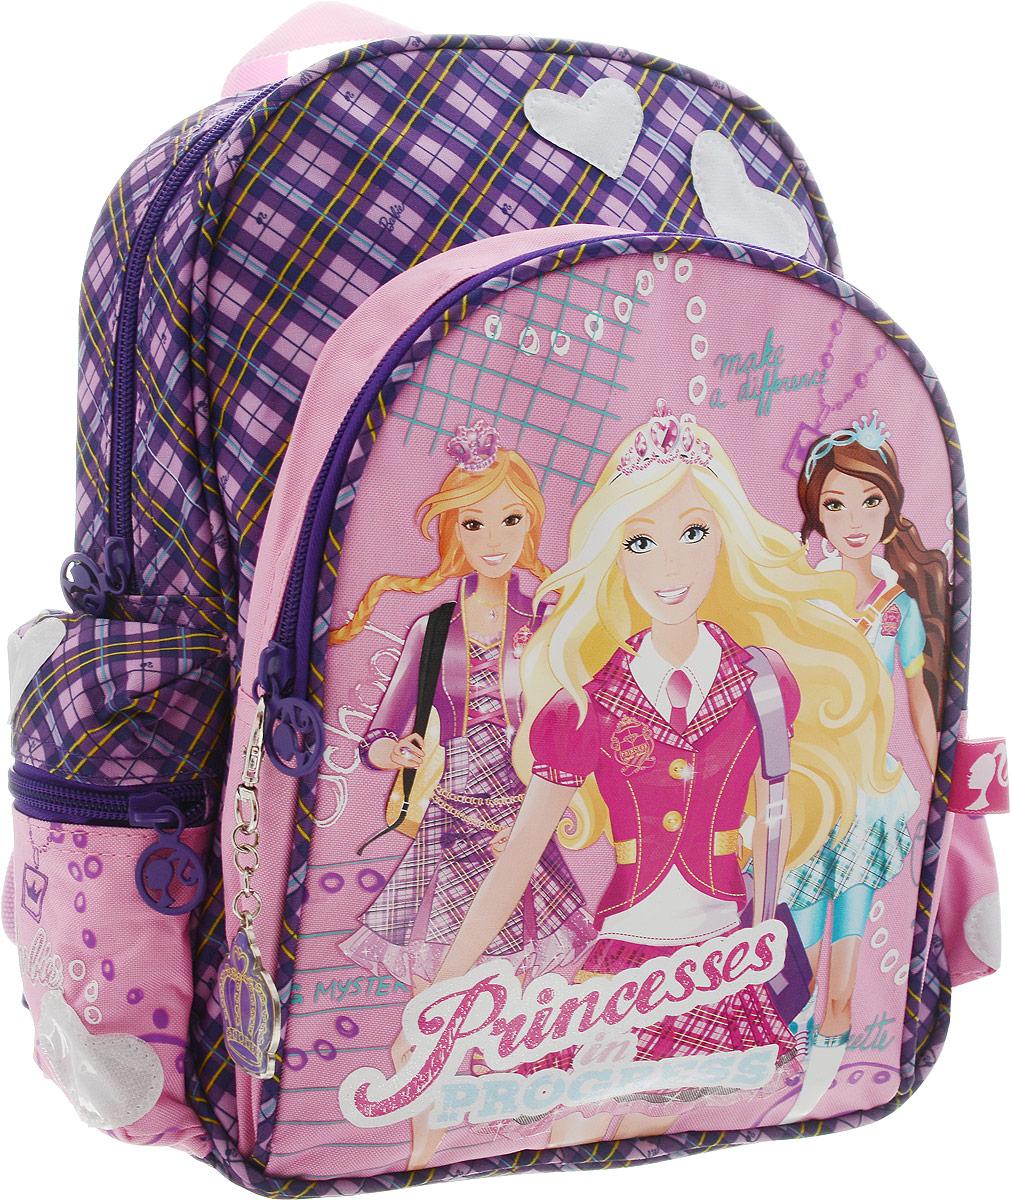 Barbie Рюкзак детский Princess In Progress цвет розовый фиолетовый